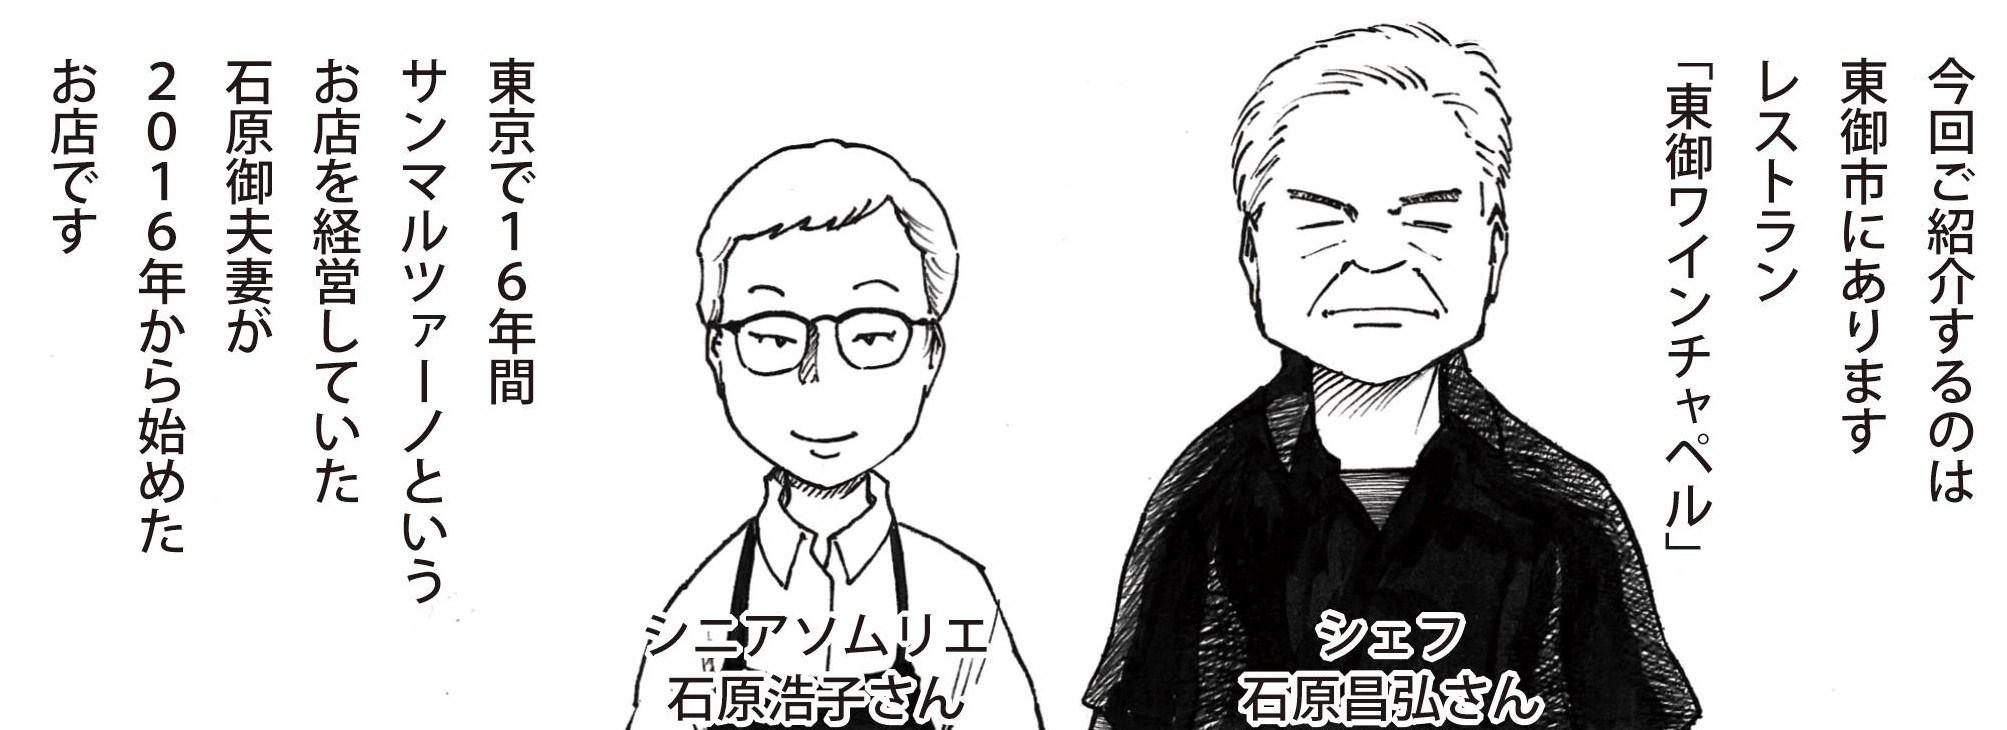 漫画「千曲川ワインバレー奇行」第11話「東御ワインチャペル」